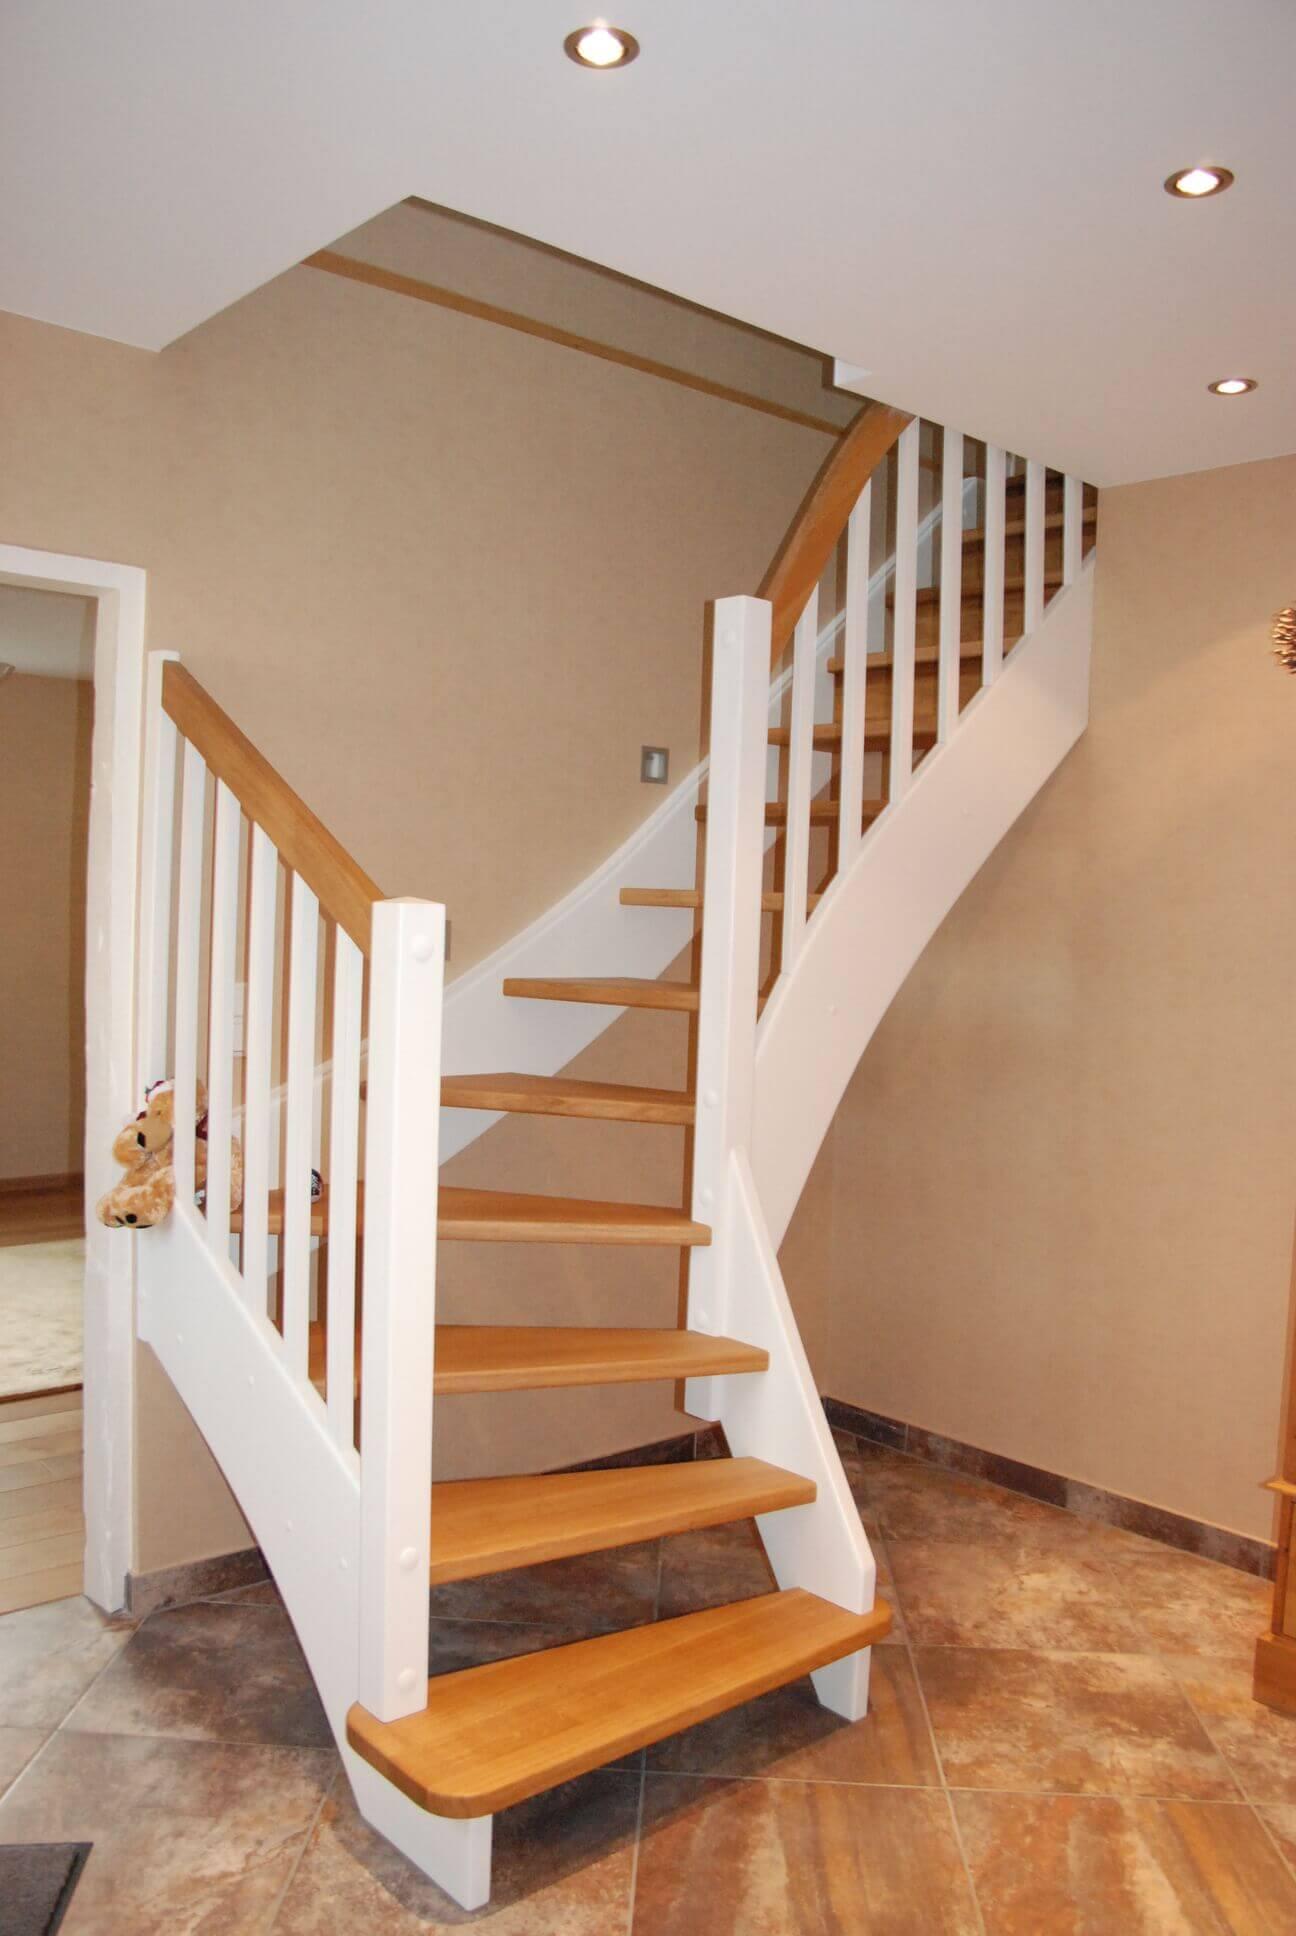 Weitere Treppen-Projekte